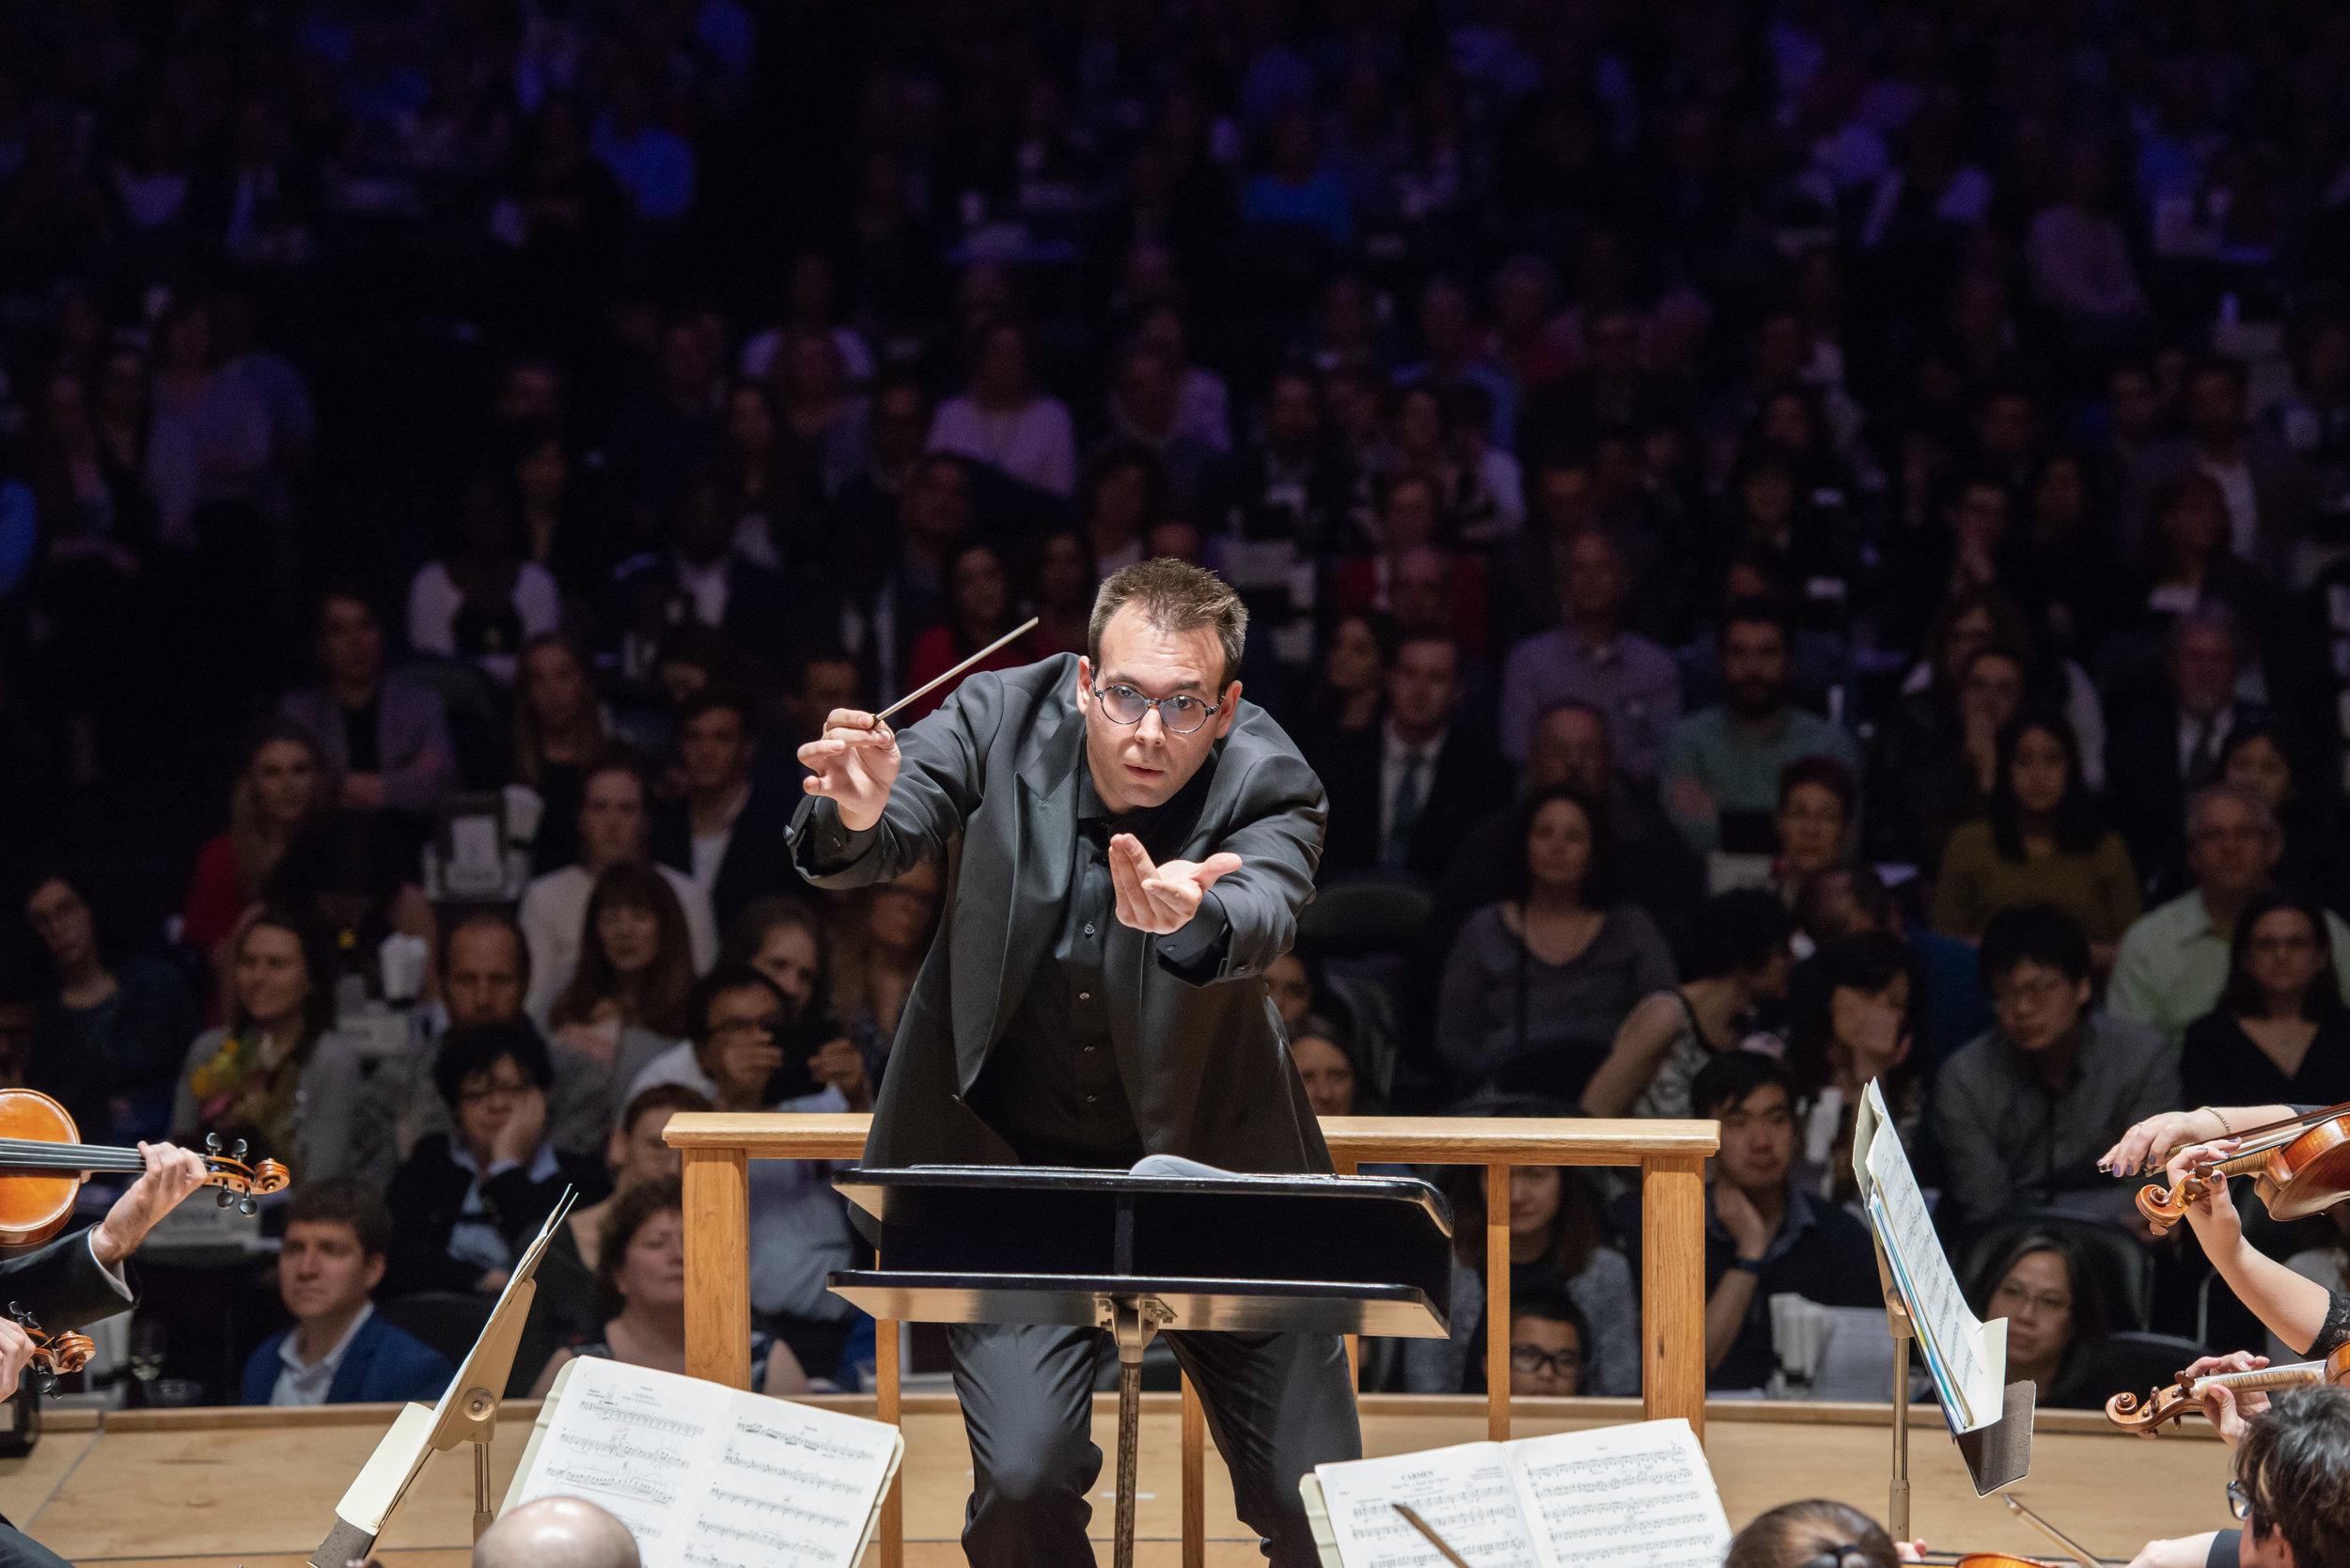 SymphonyForScience-Concert_DSC7213.jpg